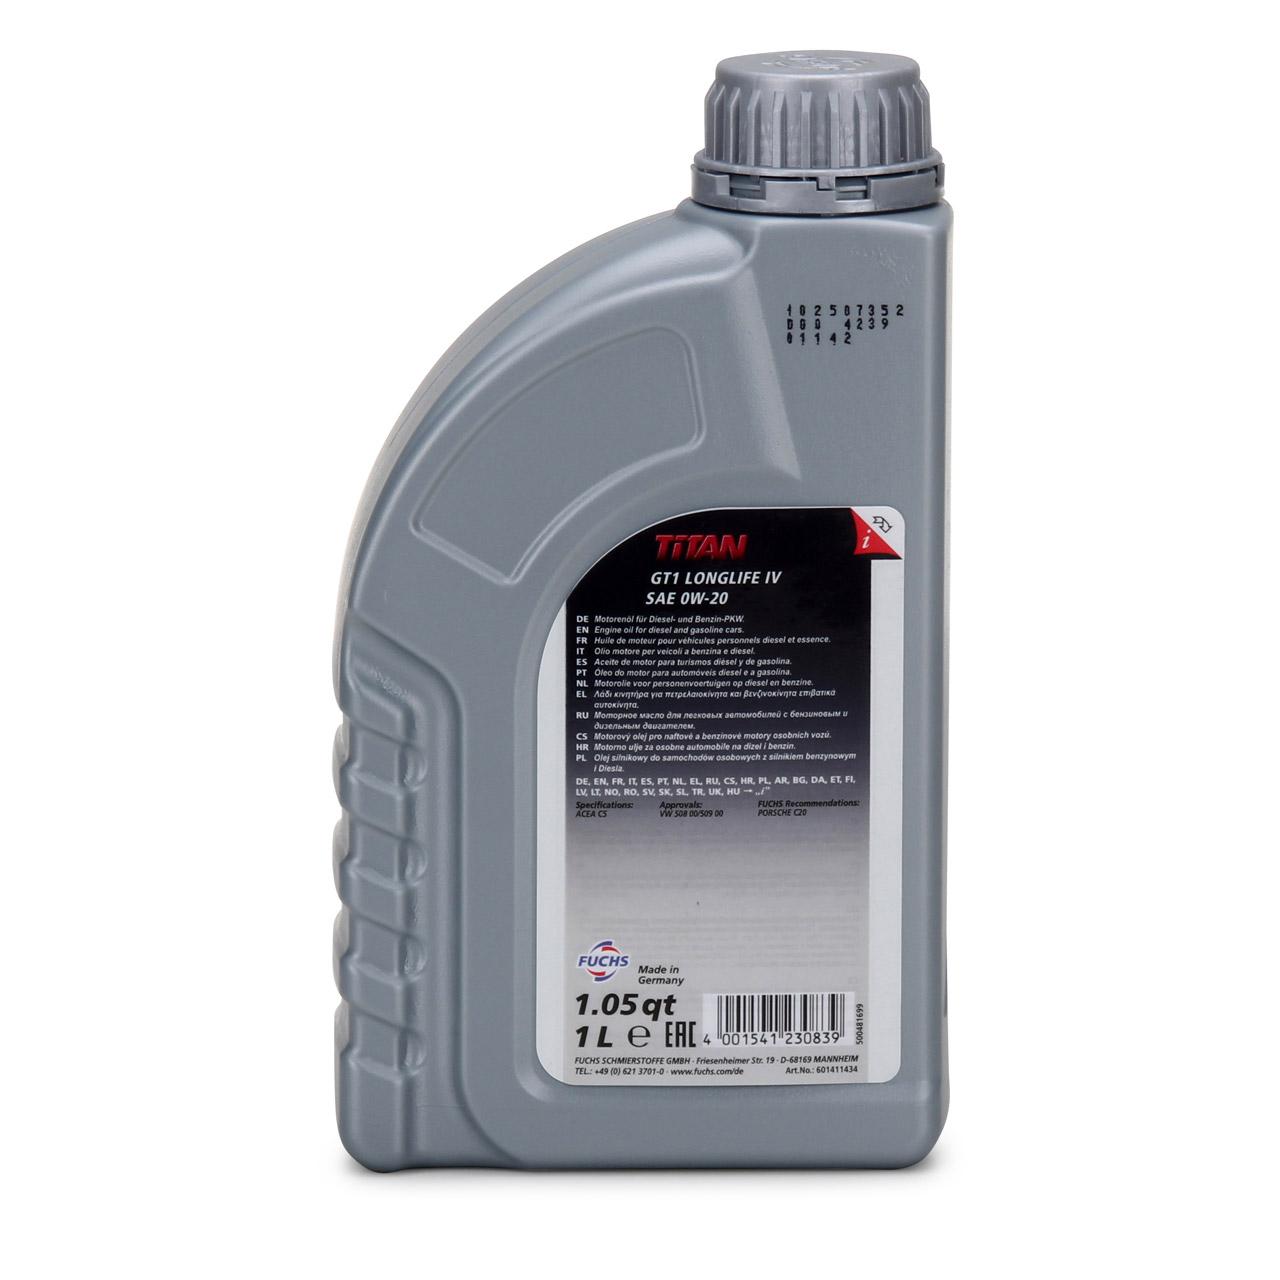 FUCHS Motoröl Öl TITAN GT1 LONGLIFE IV 0W-20 0W20 VW 508.00/509.00 1 Liter 1L